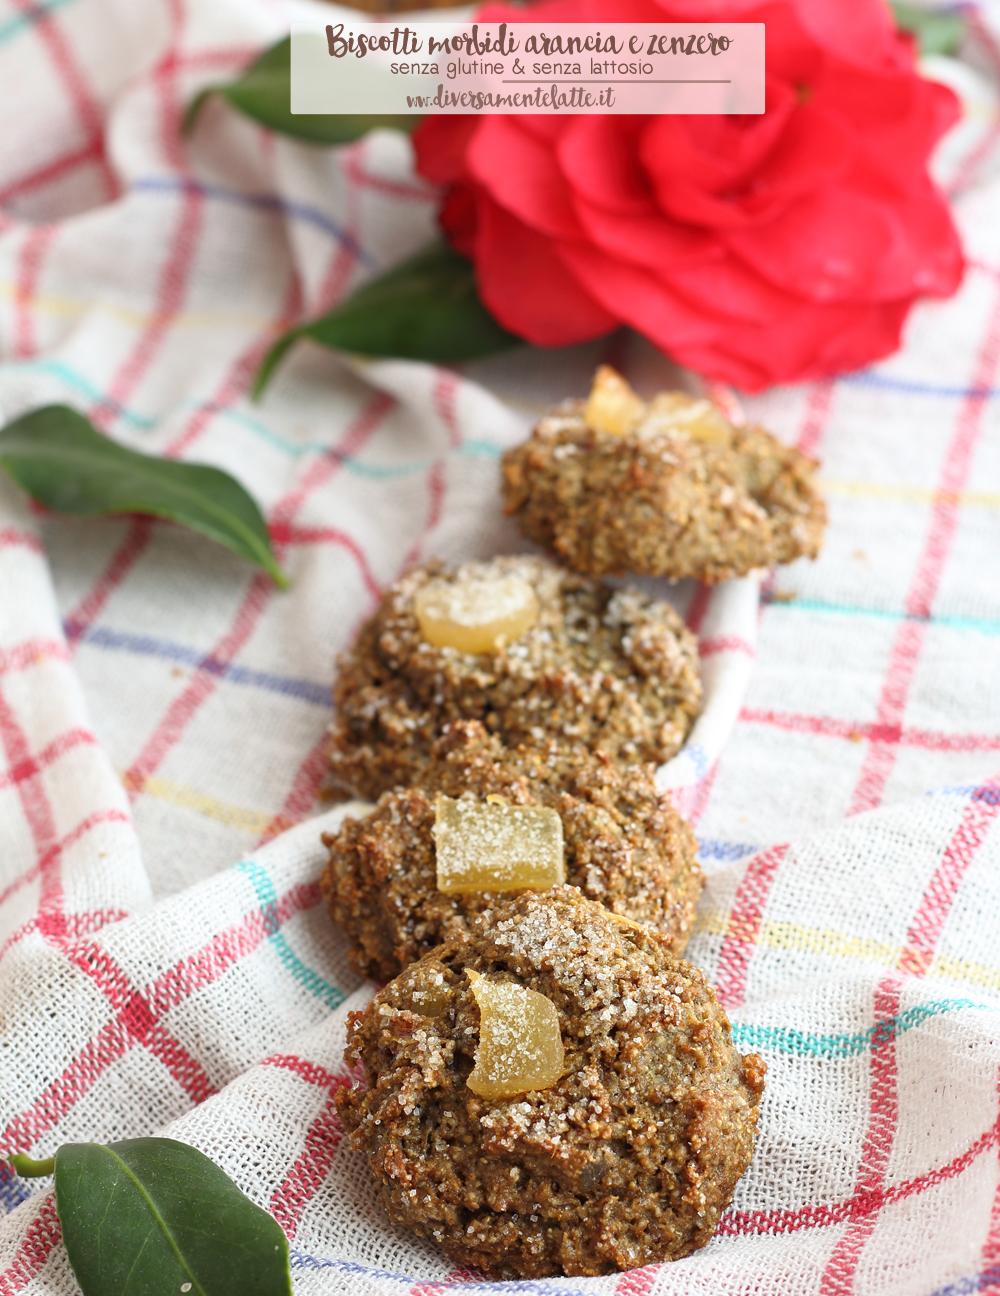 biscotti morbidi arancia e zenzero senza glutine